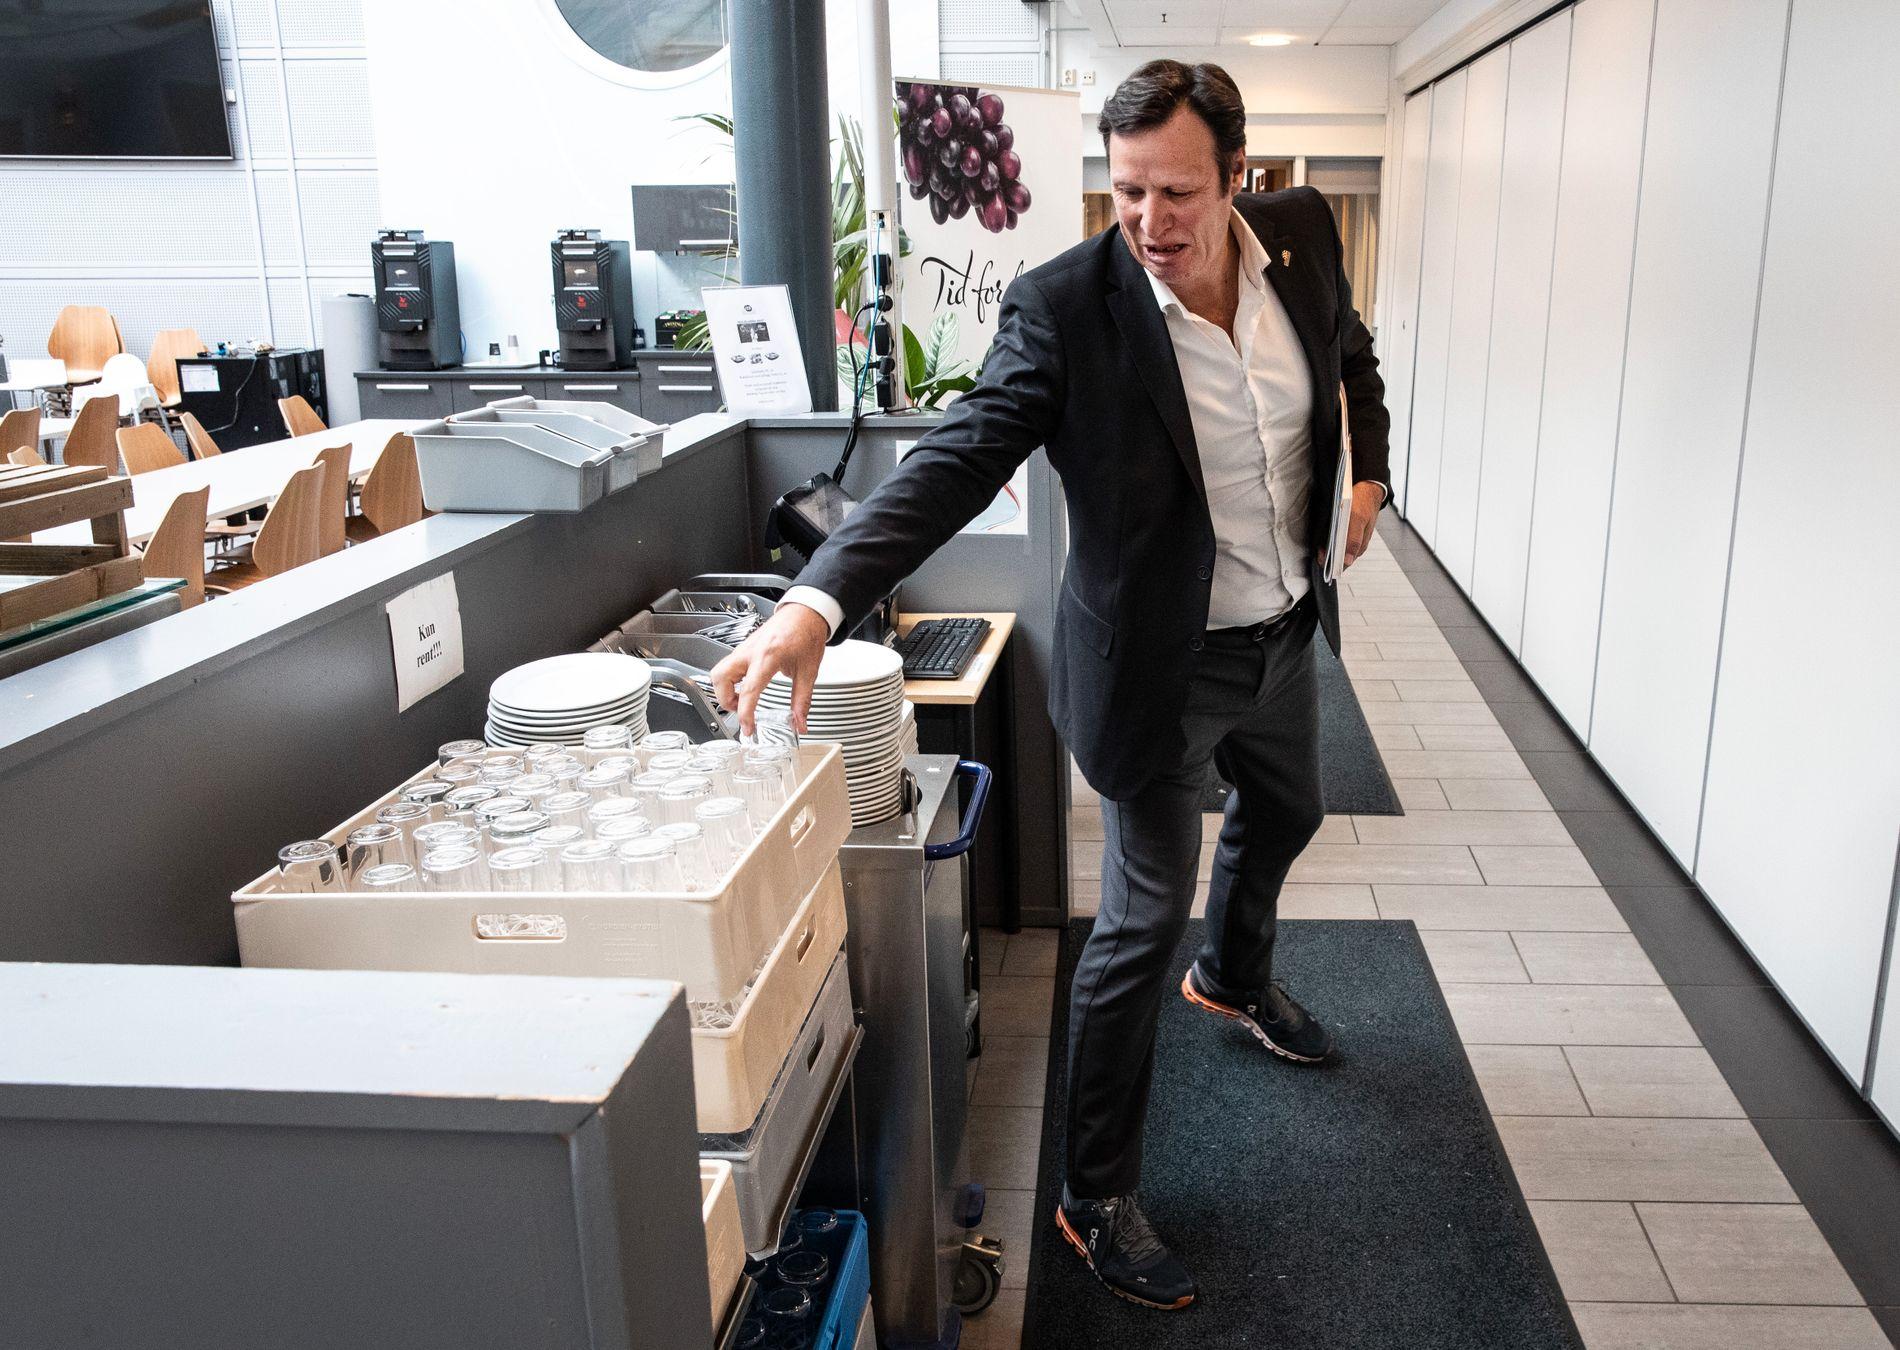 UNDER KRITIKK: Tom Tvedt er president i Norges idrettsforbund som nå har fått en kritisk rapport fra Riksrevisjonen som omhandler bruken av flere milliarder kroner spillemidler.